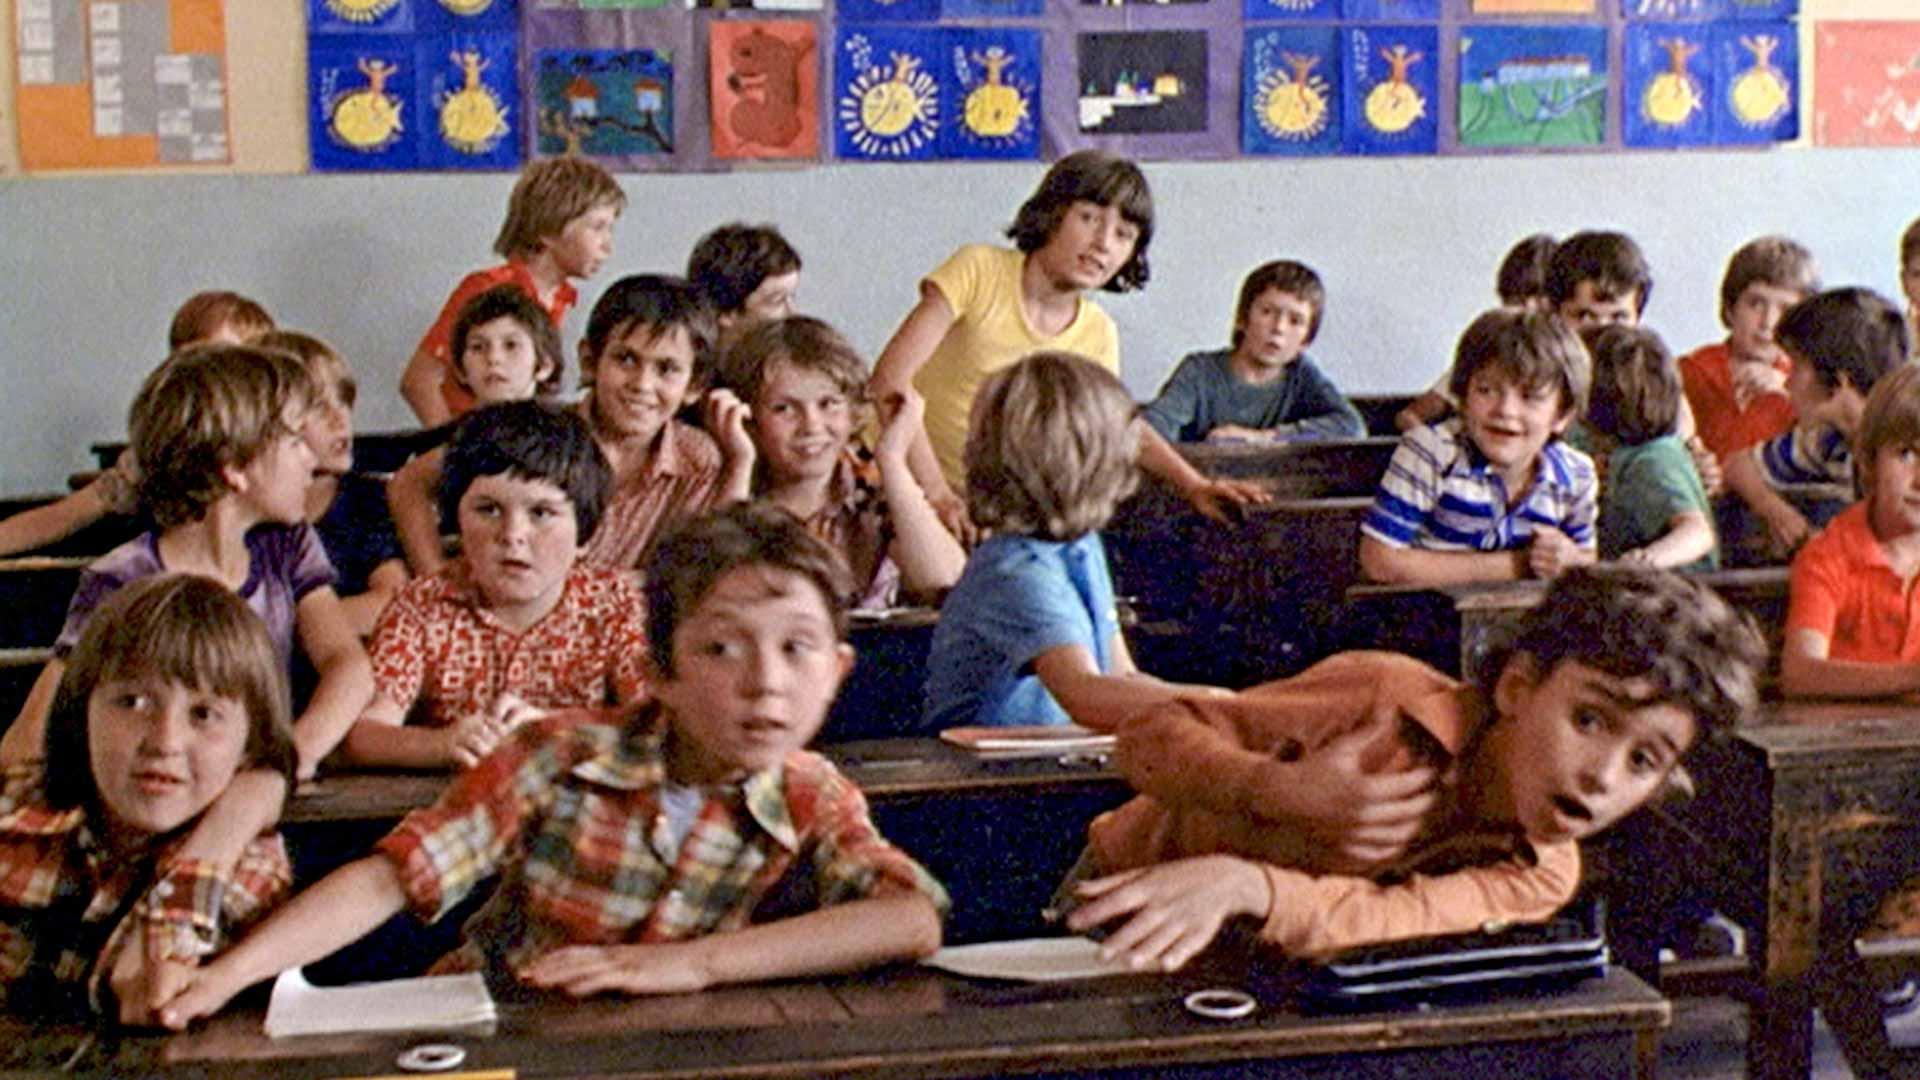 Lasten esittäjät ovat kaikki kuvauskaupungin amatöörejä, joiden luonnollisuutta Truffaut hyödyntää mestarillisesti.